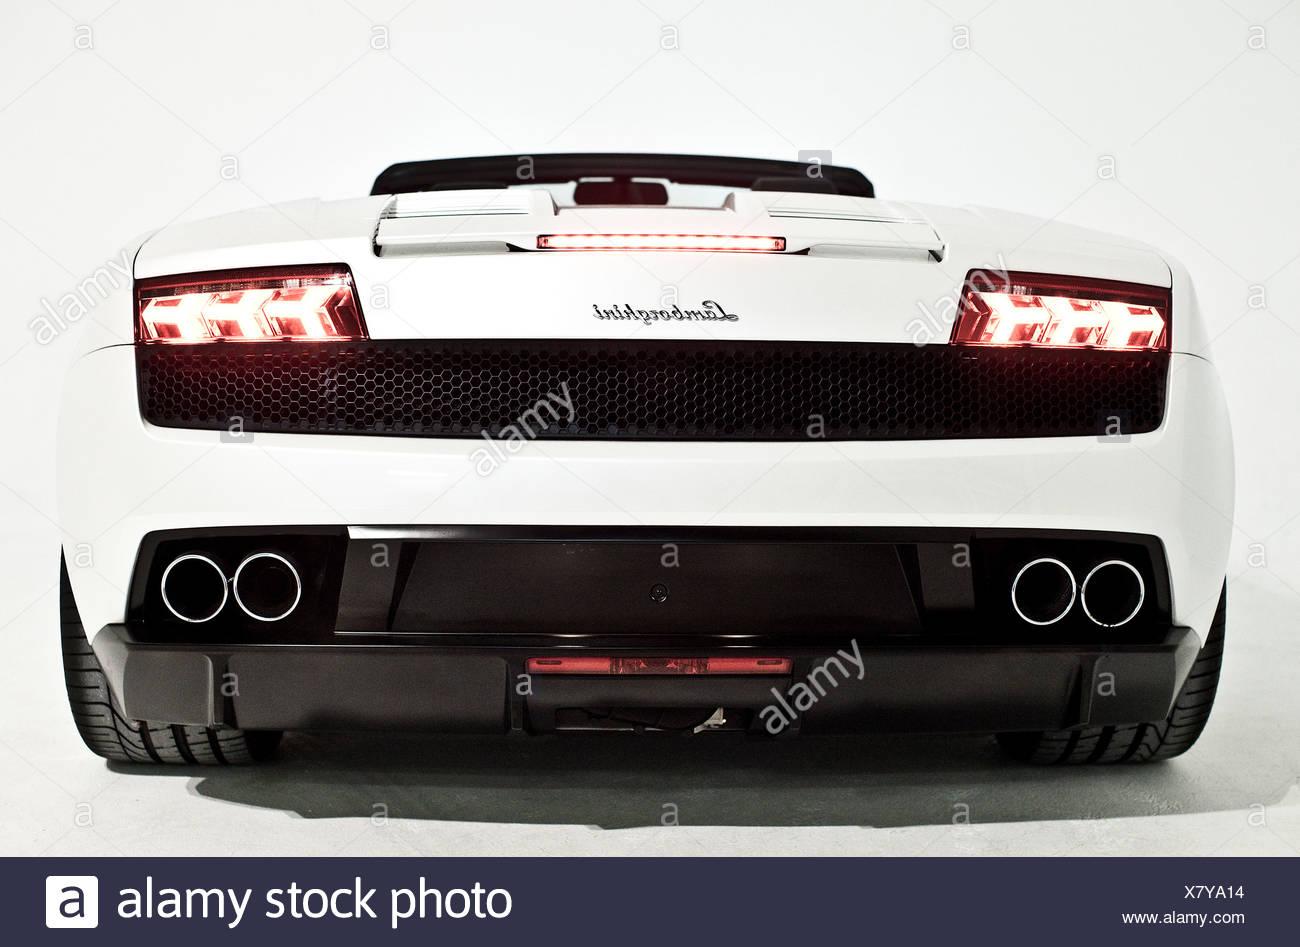 White Lamborghini convertible, tail lights - Stock Image